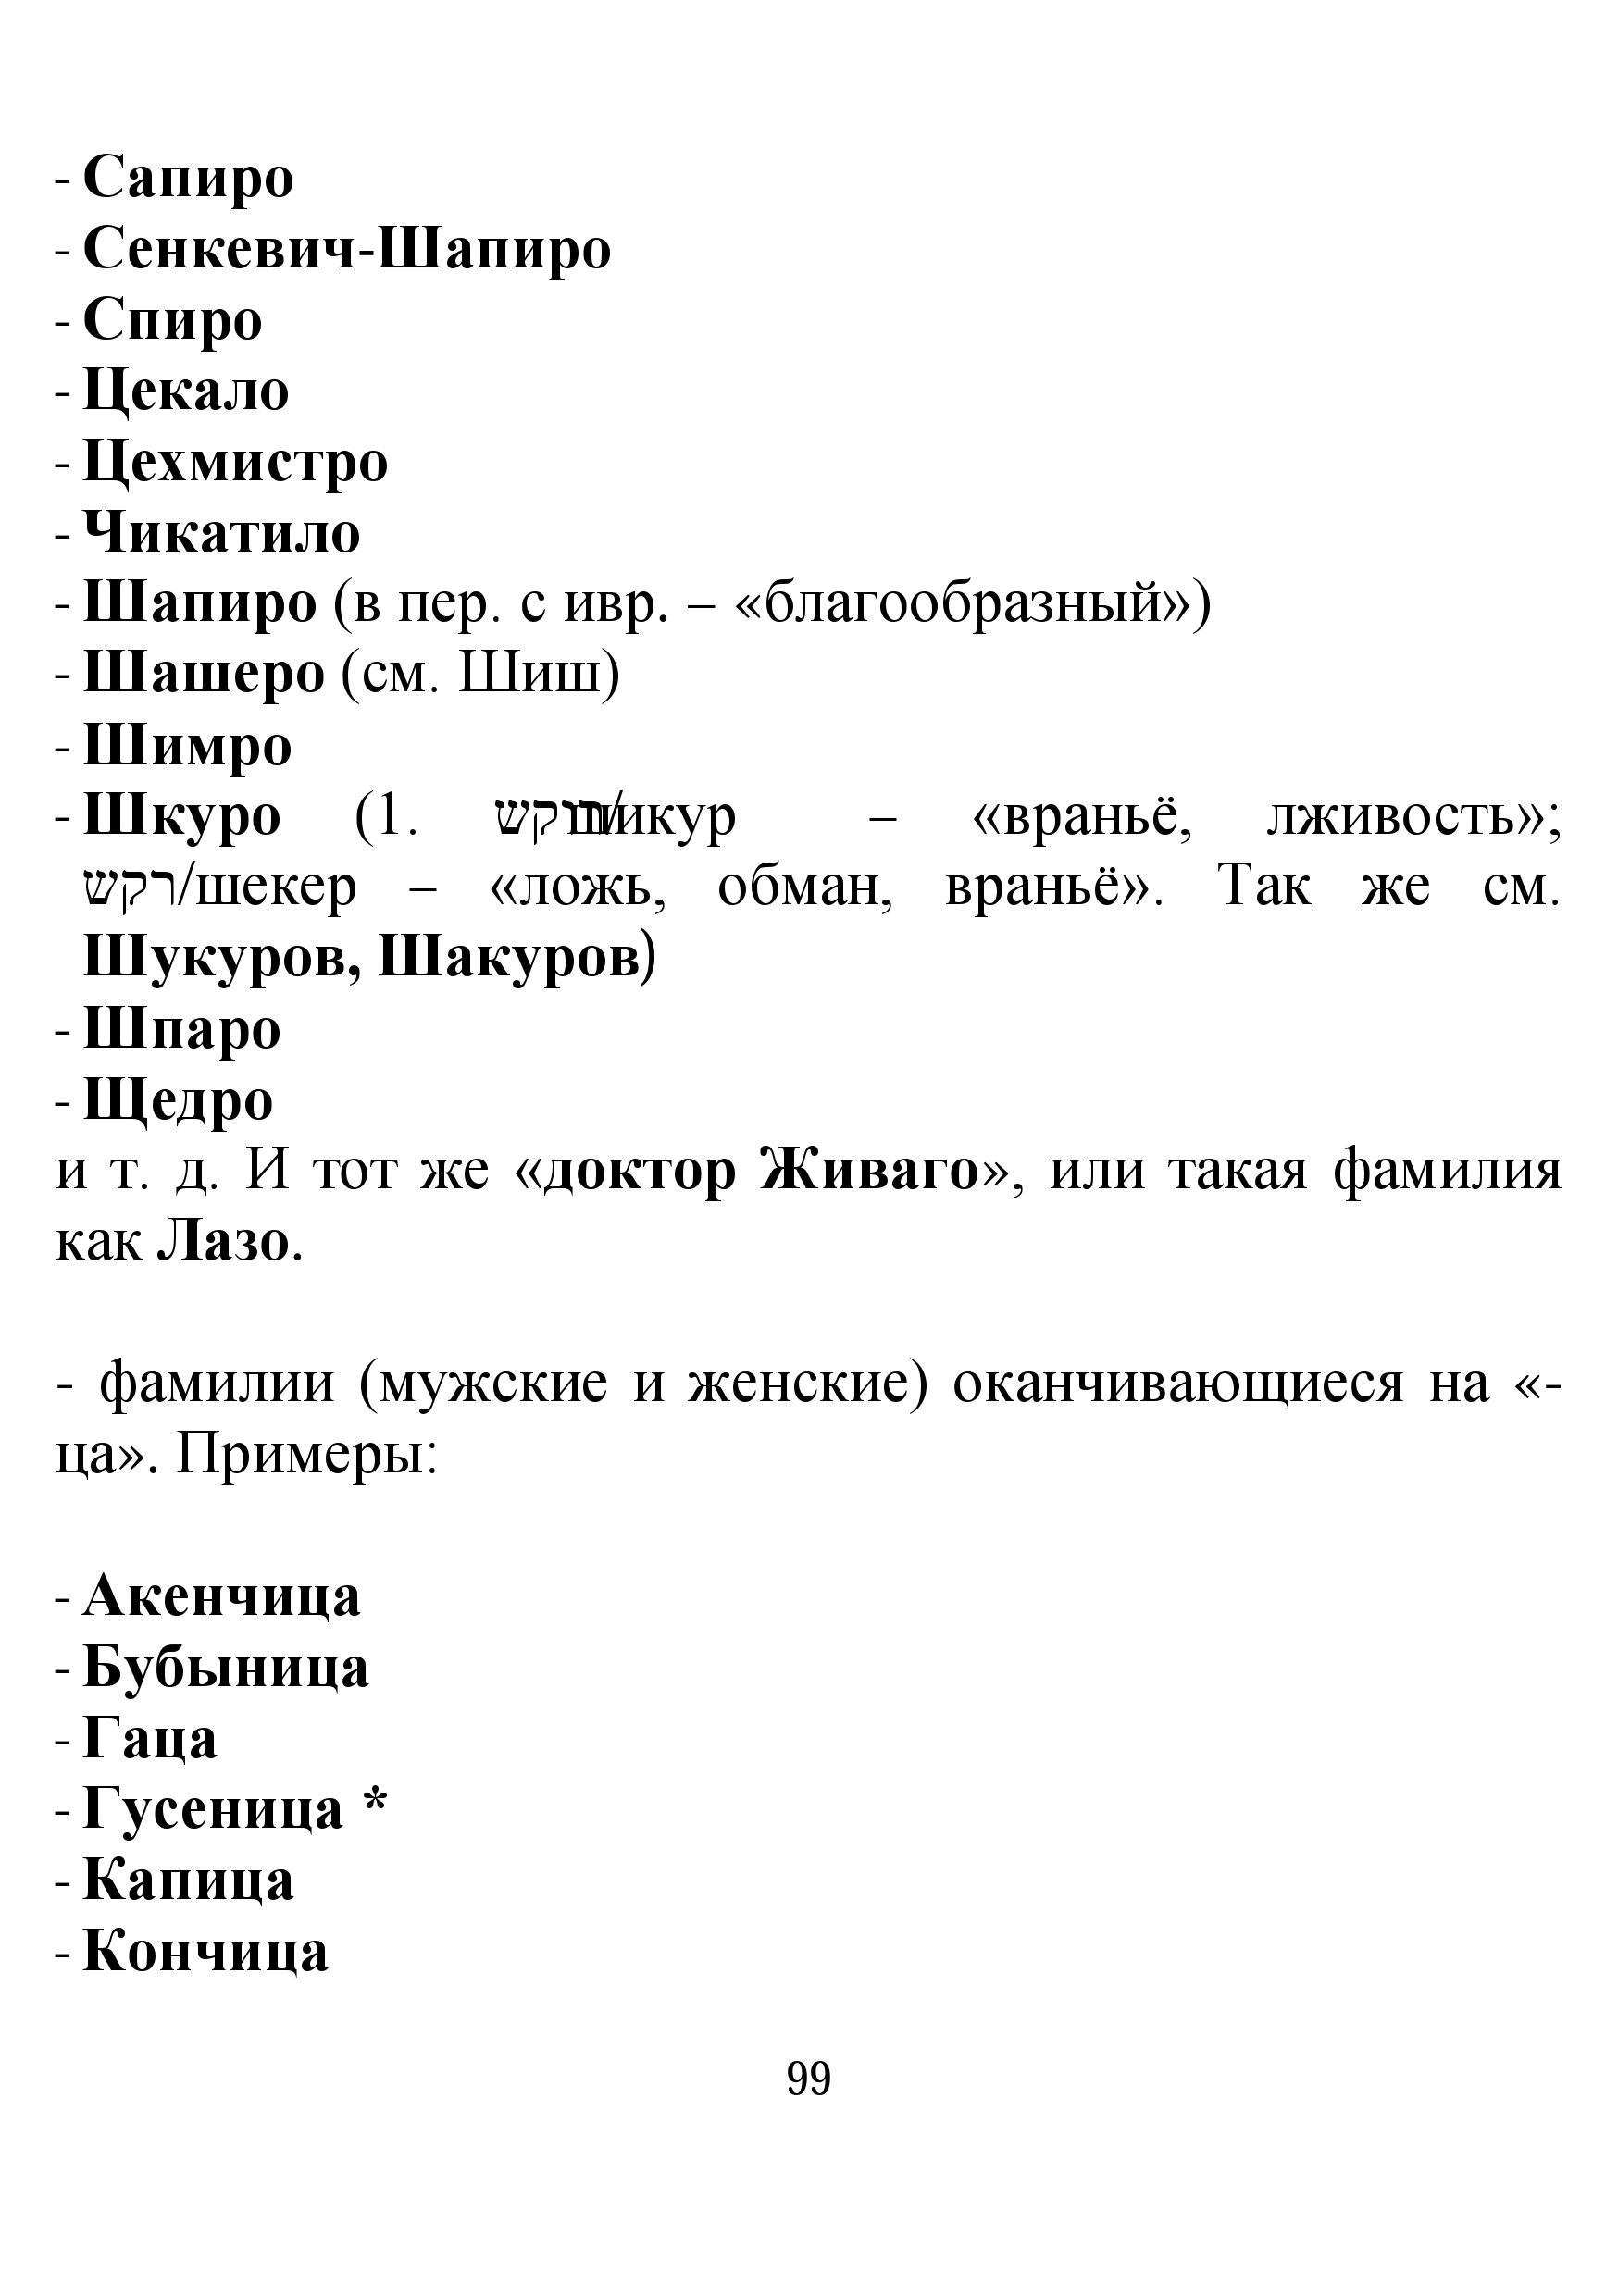 http://s6.uploads.ru/cJO4G.jpg